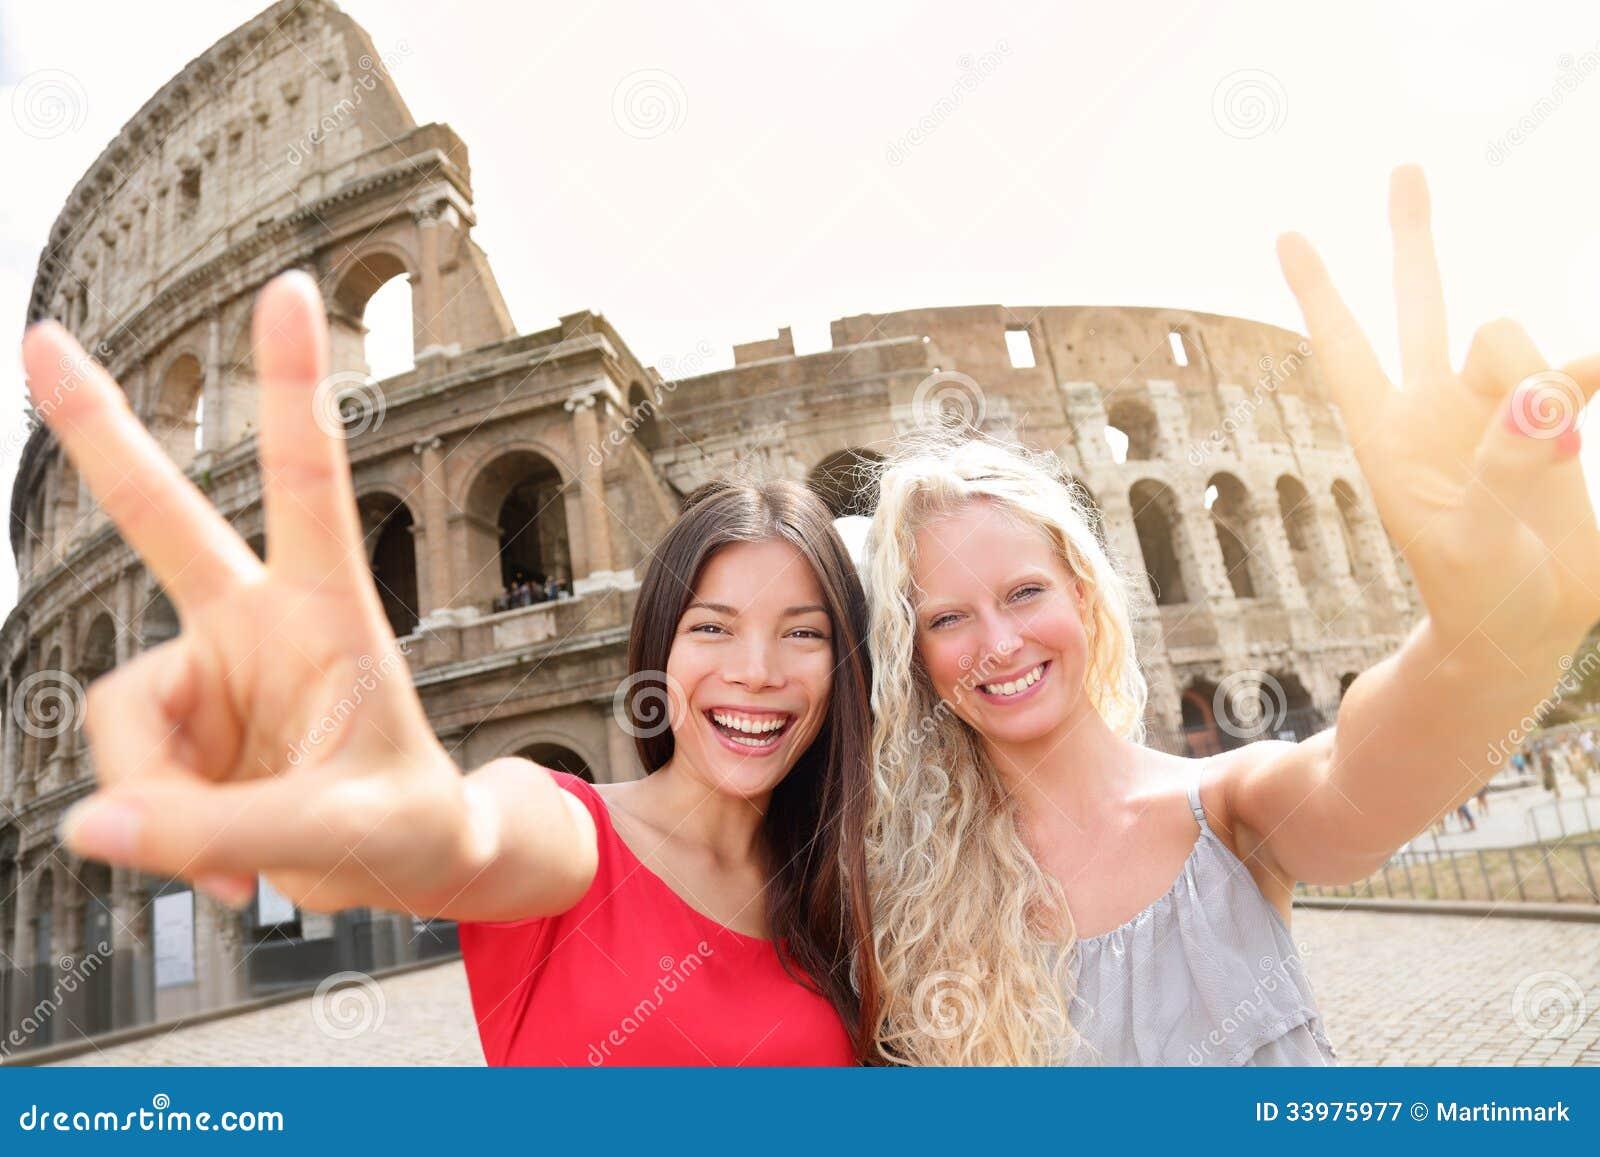 Ragazze turistiche di viaggio da Colosseum, Roma